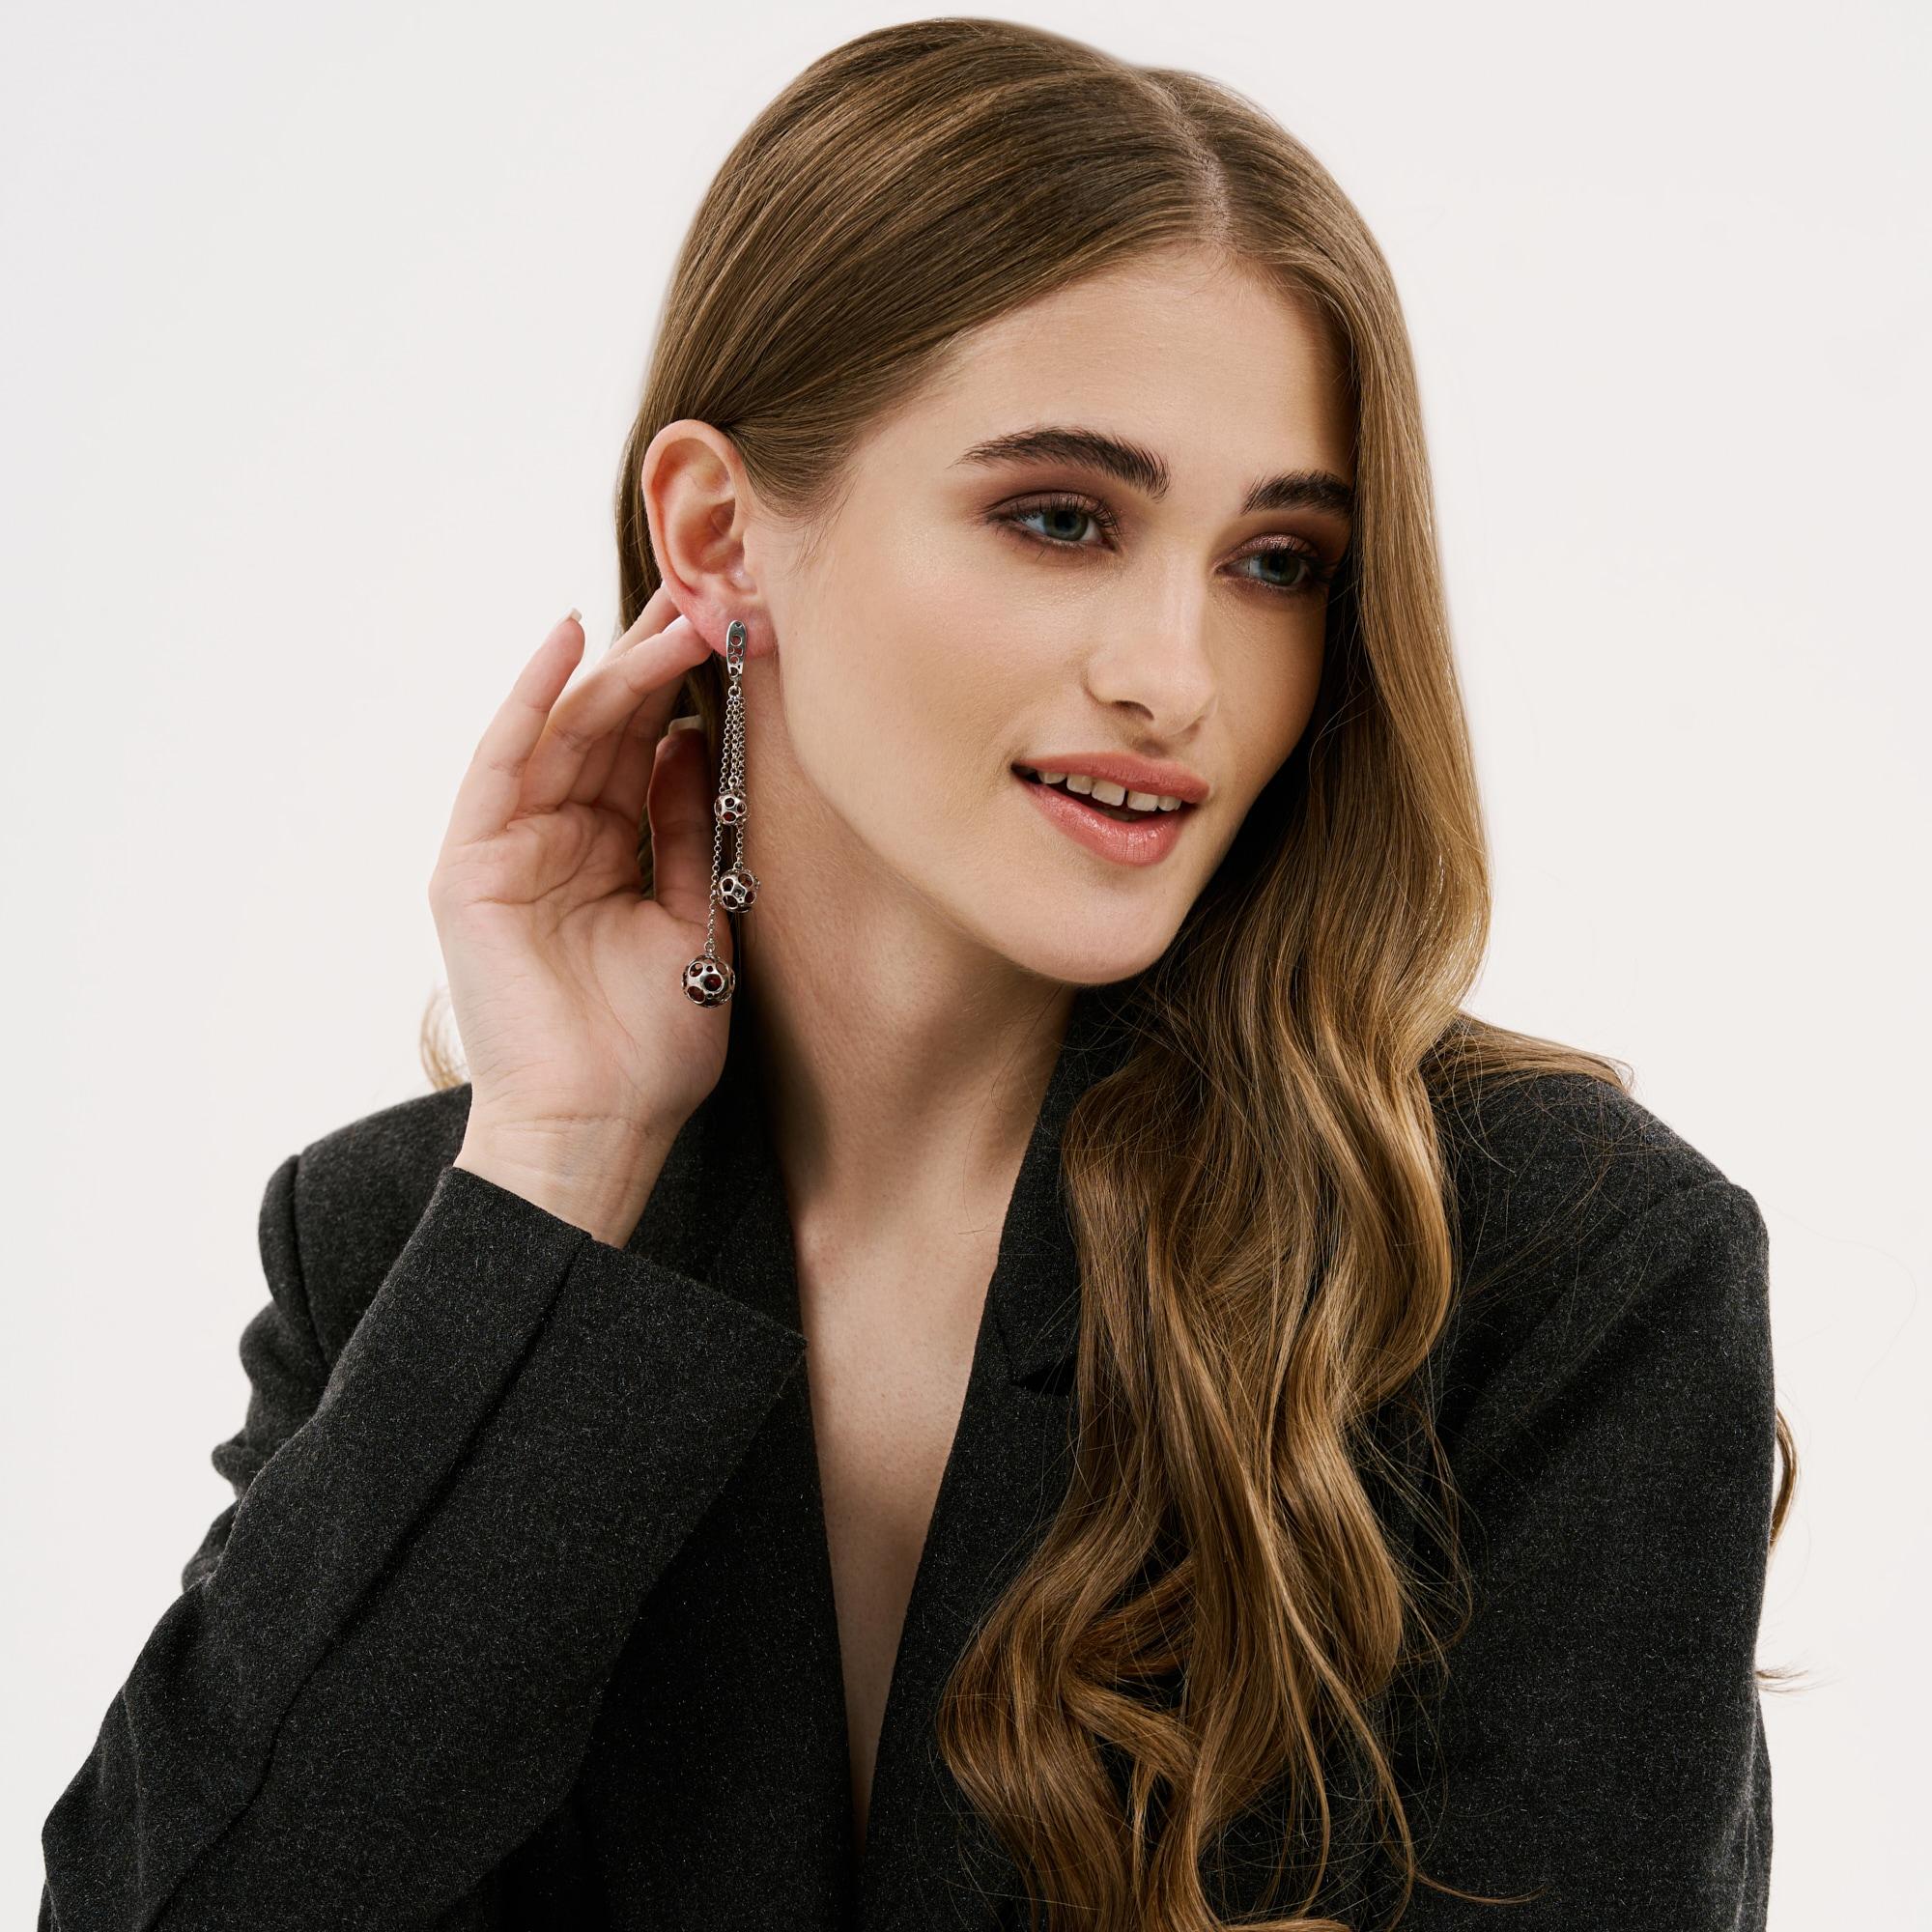 Серебряные серьги подвесные с янтарем 6Д429041435АЦ